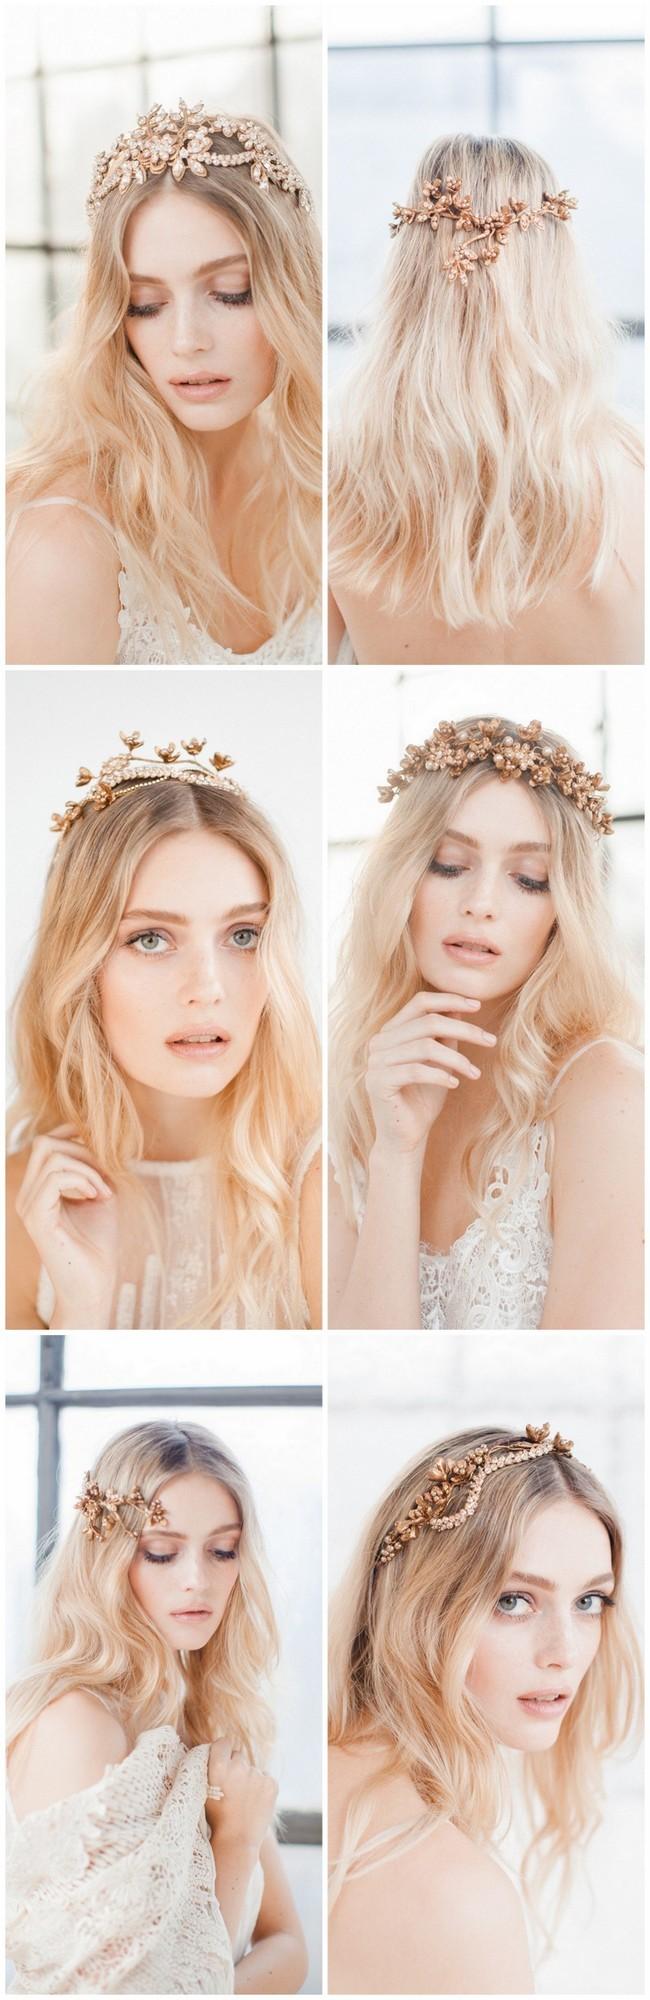 Jannie baltzer wild nature bridal headpiece collection 2016 sandra aberg photography